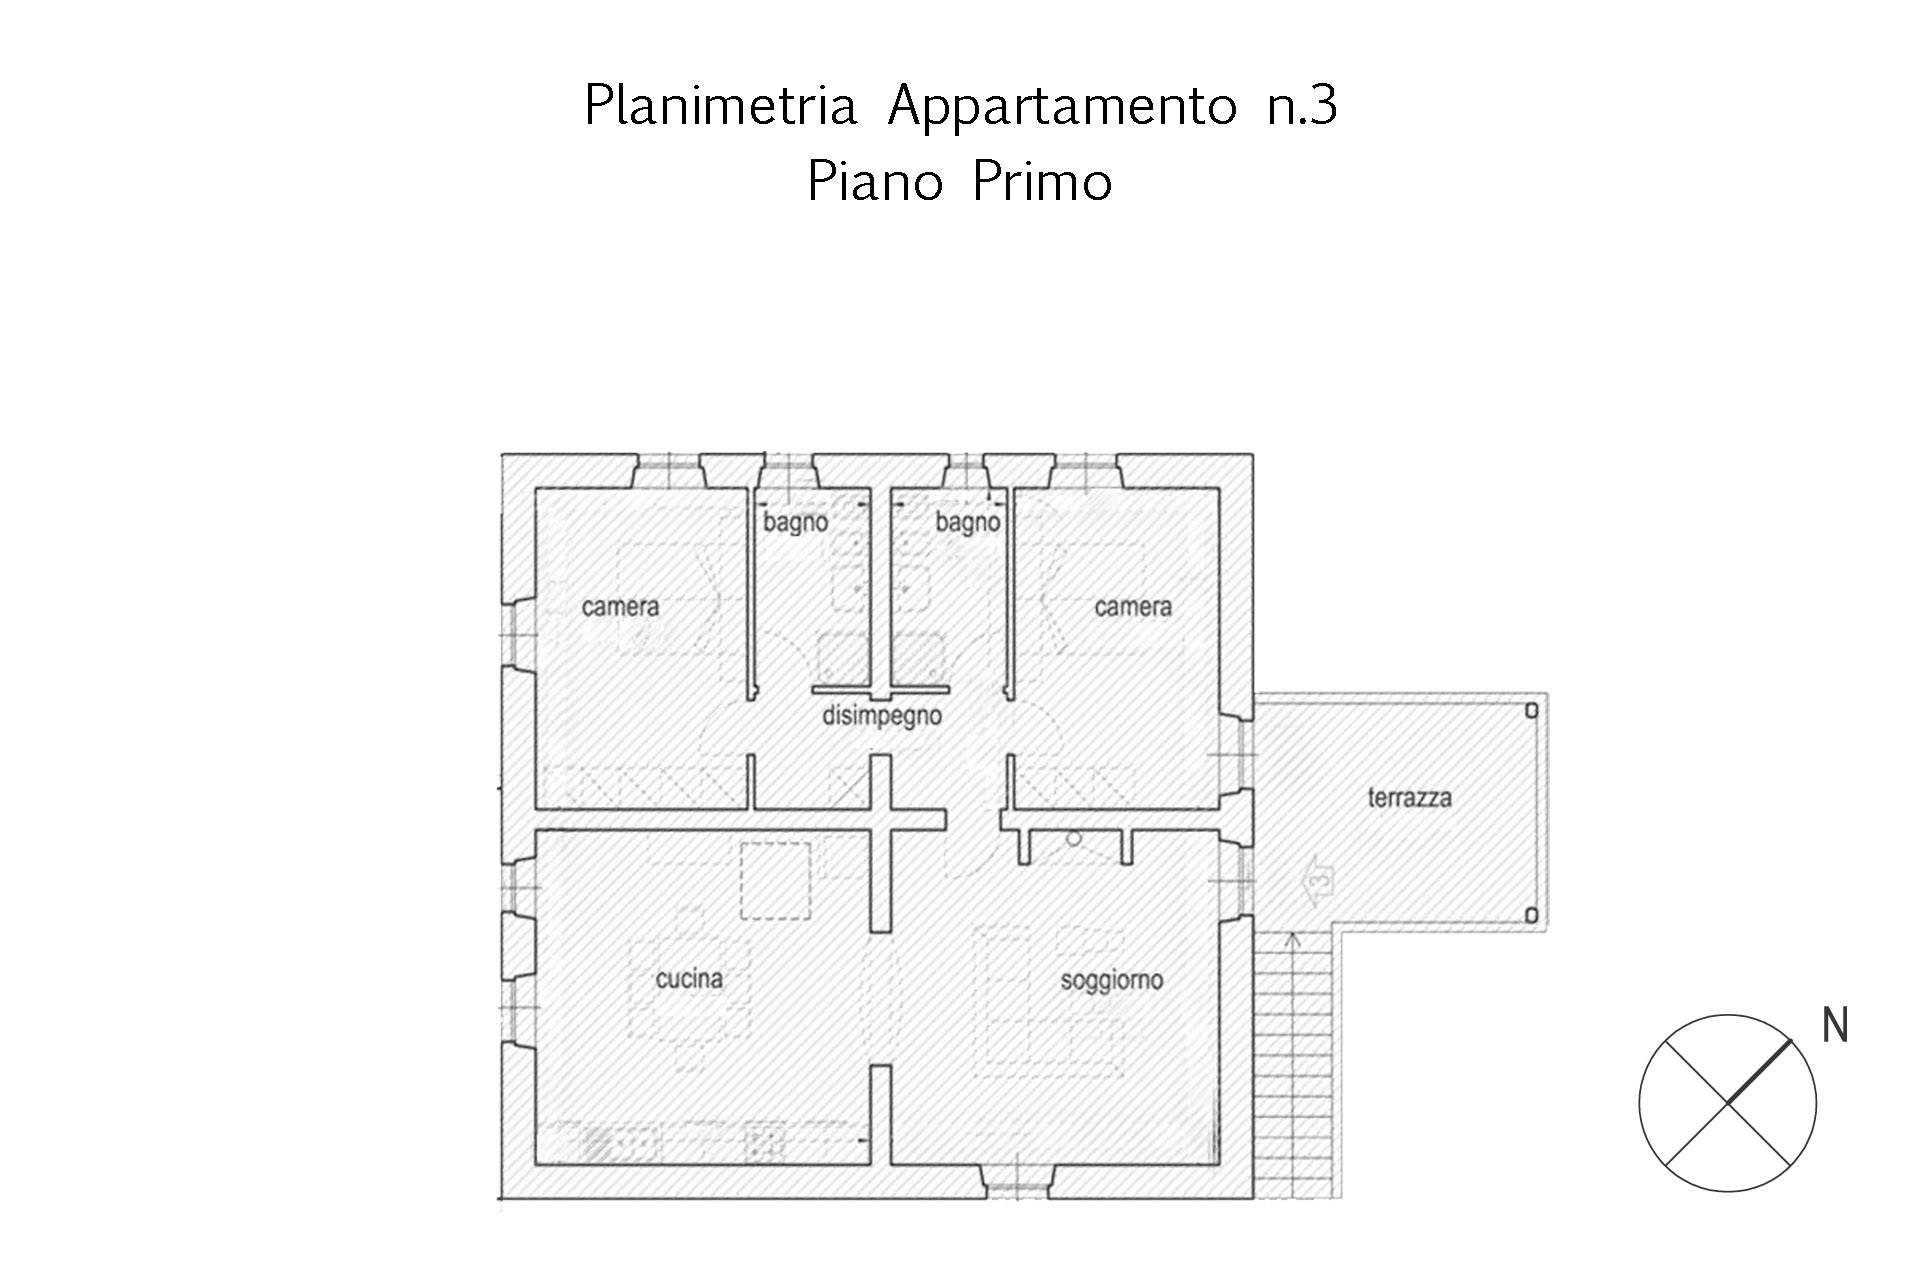 3894_planimetria arredata